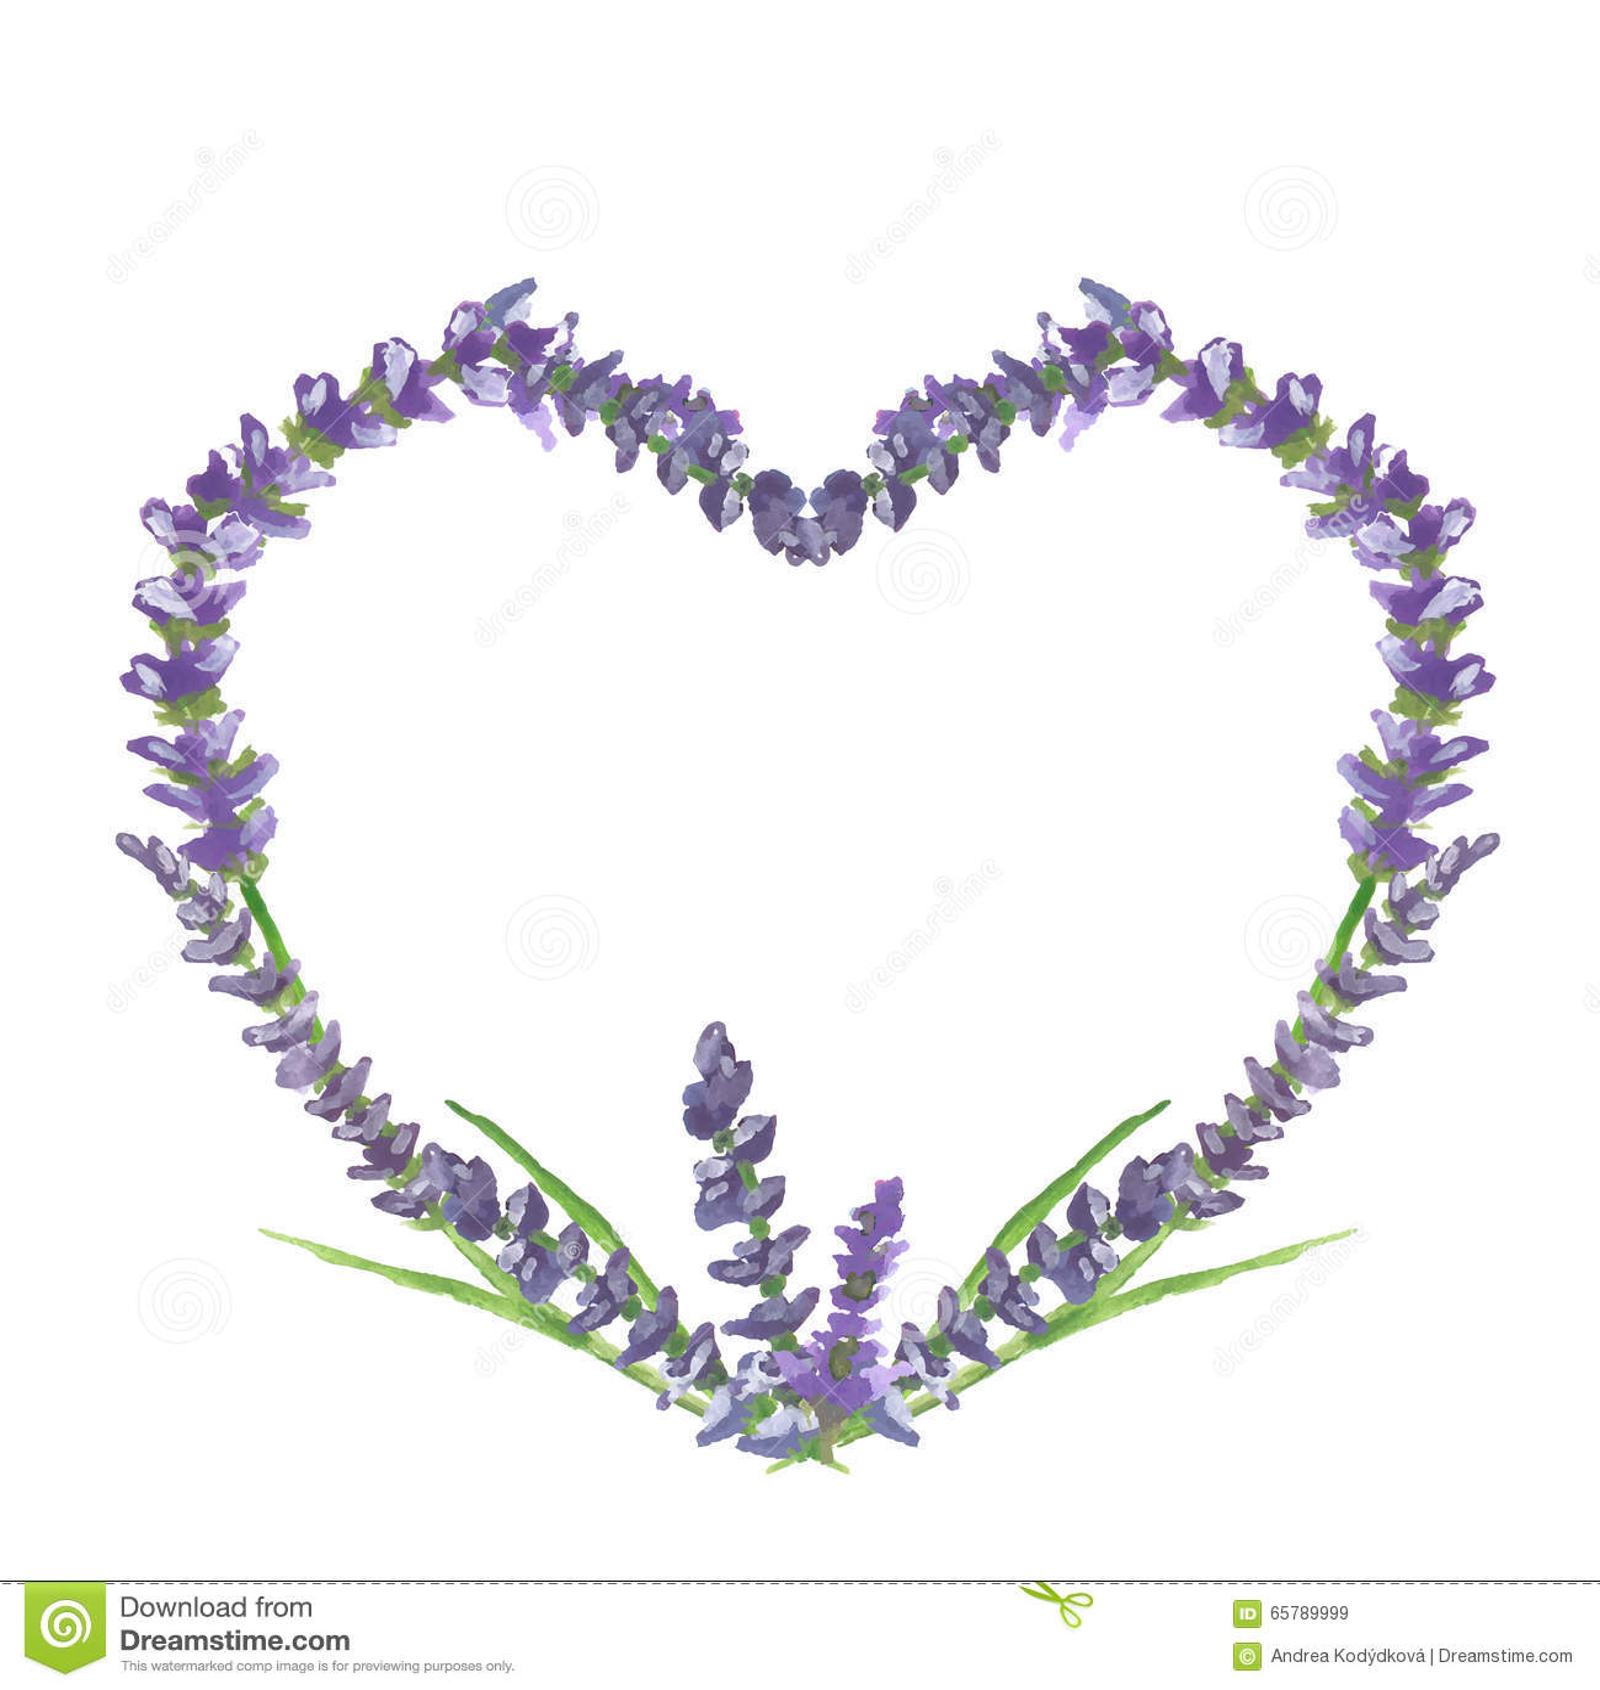 Motriz gráfico do coração, do casamento ou do Valentim da alfazema, pintura da aquarela, ilustração